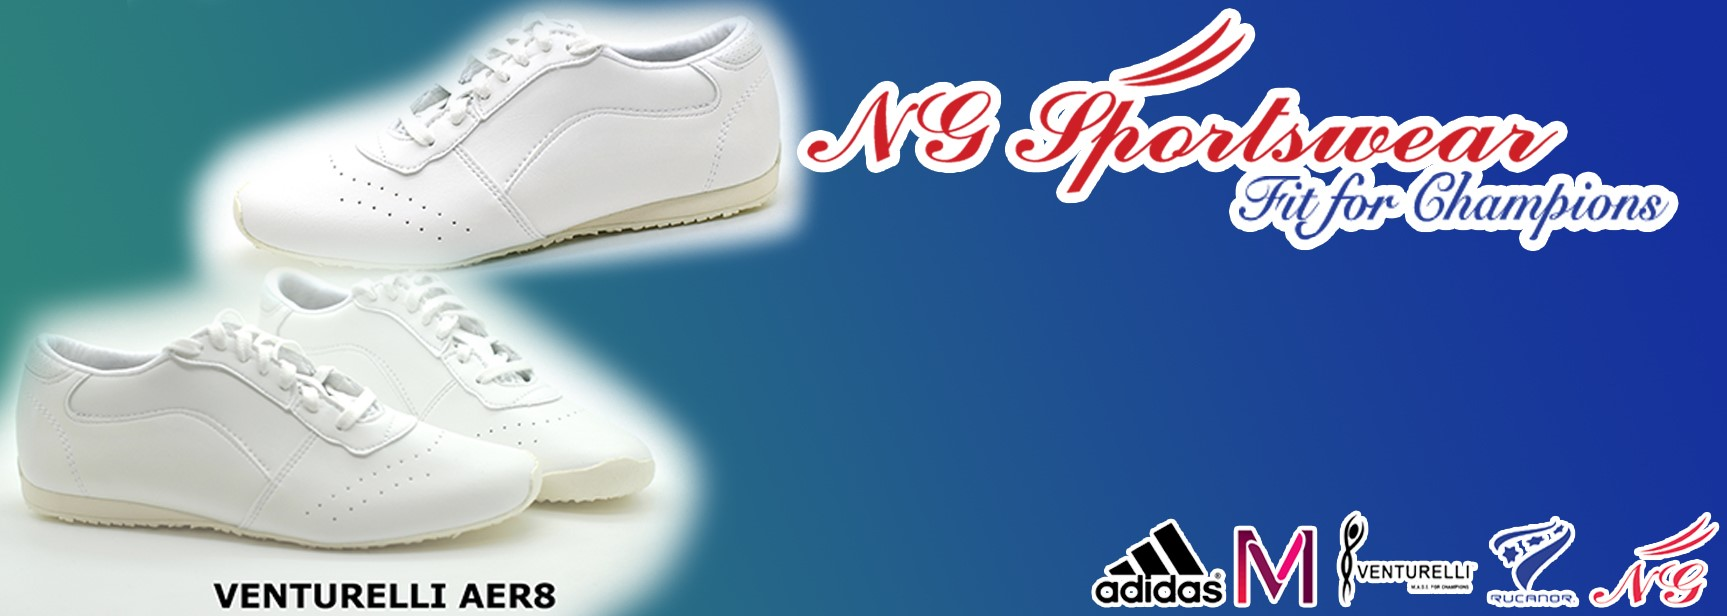 04f4576a4dd3 NG Sportswear International Ltd